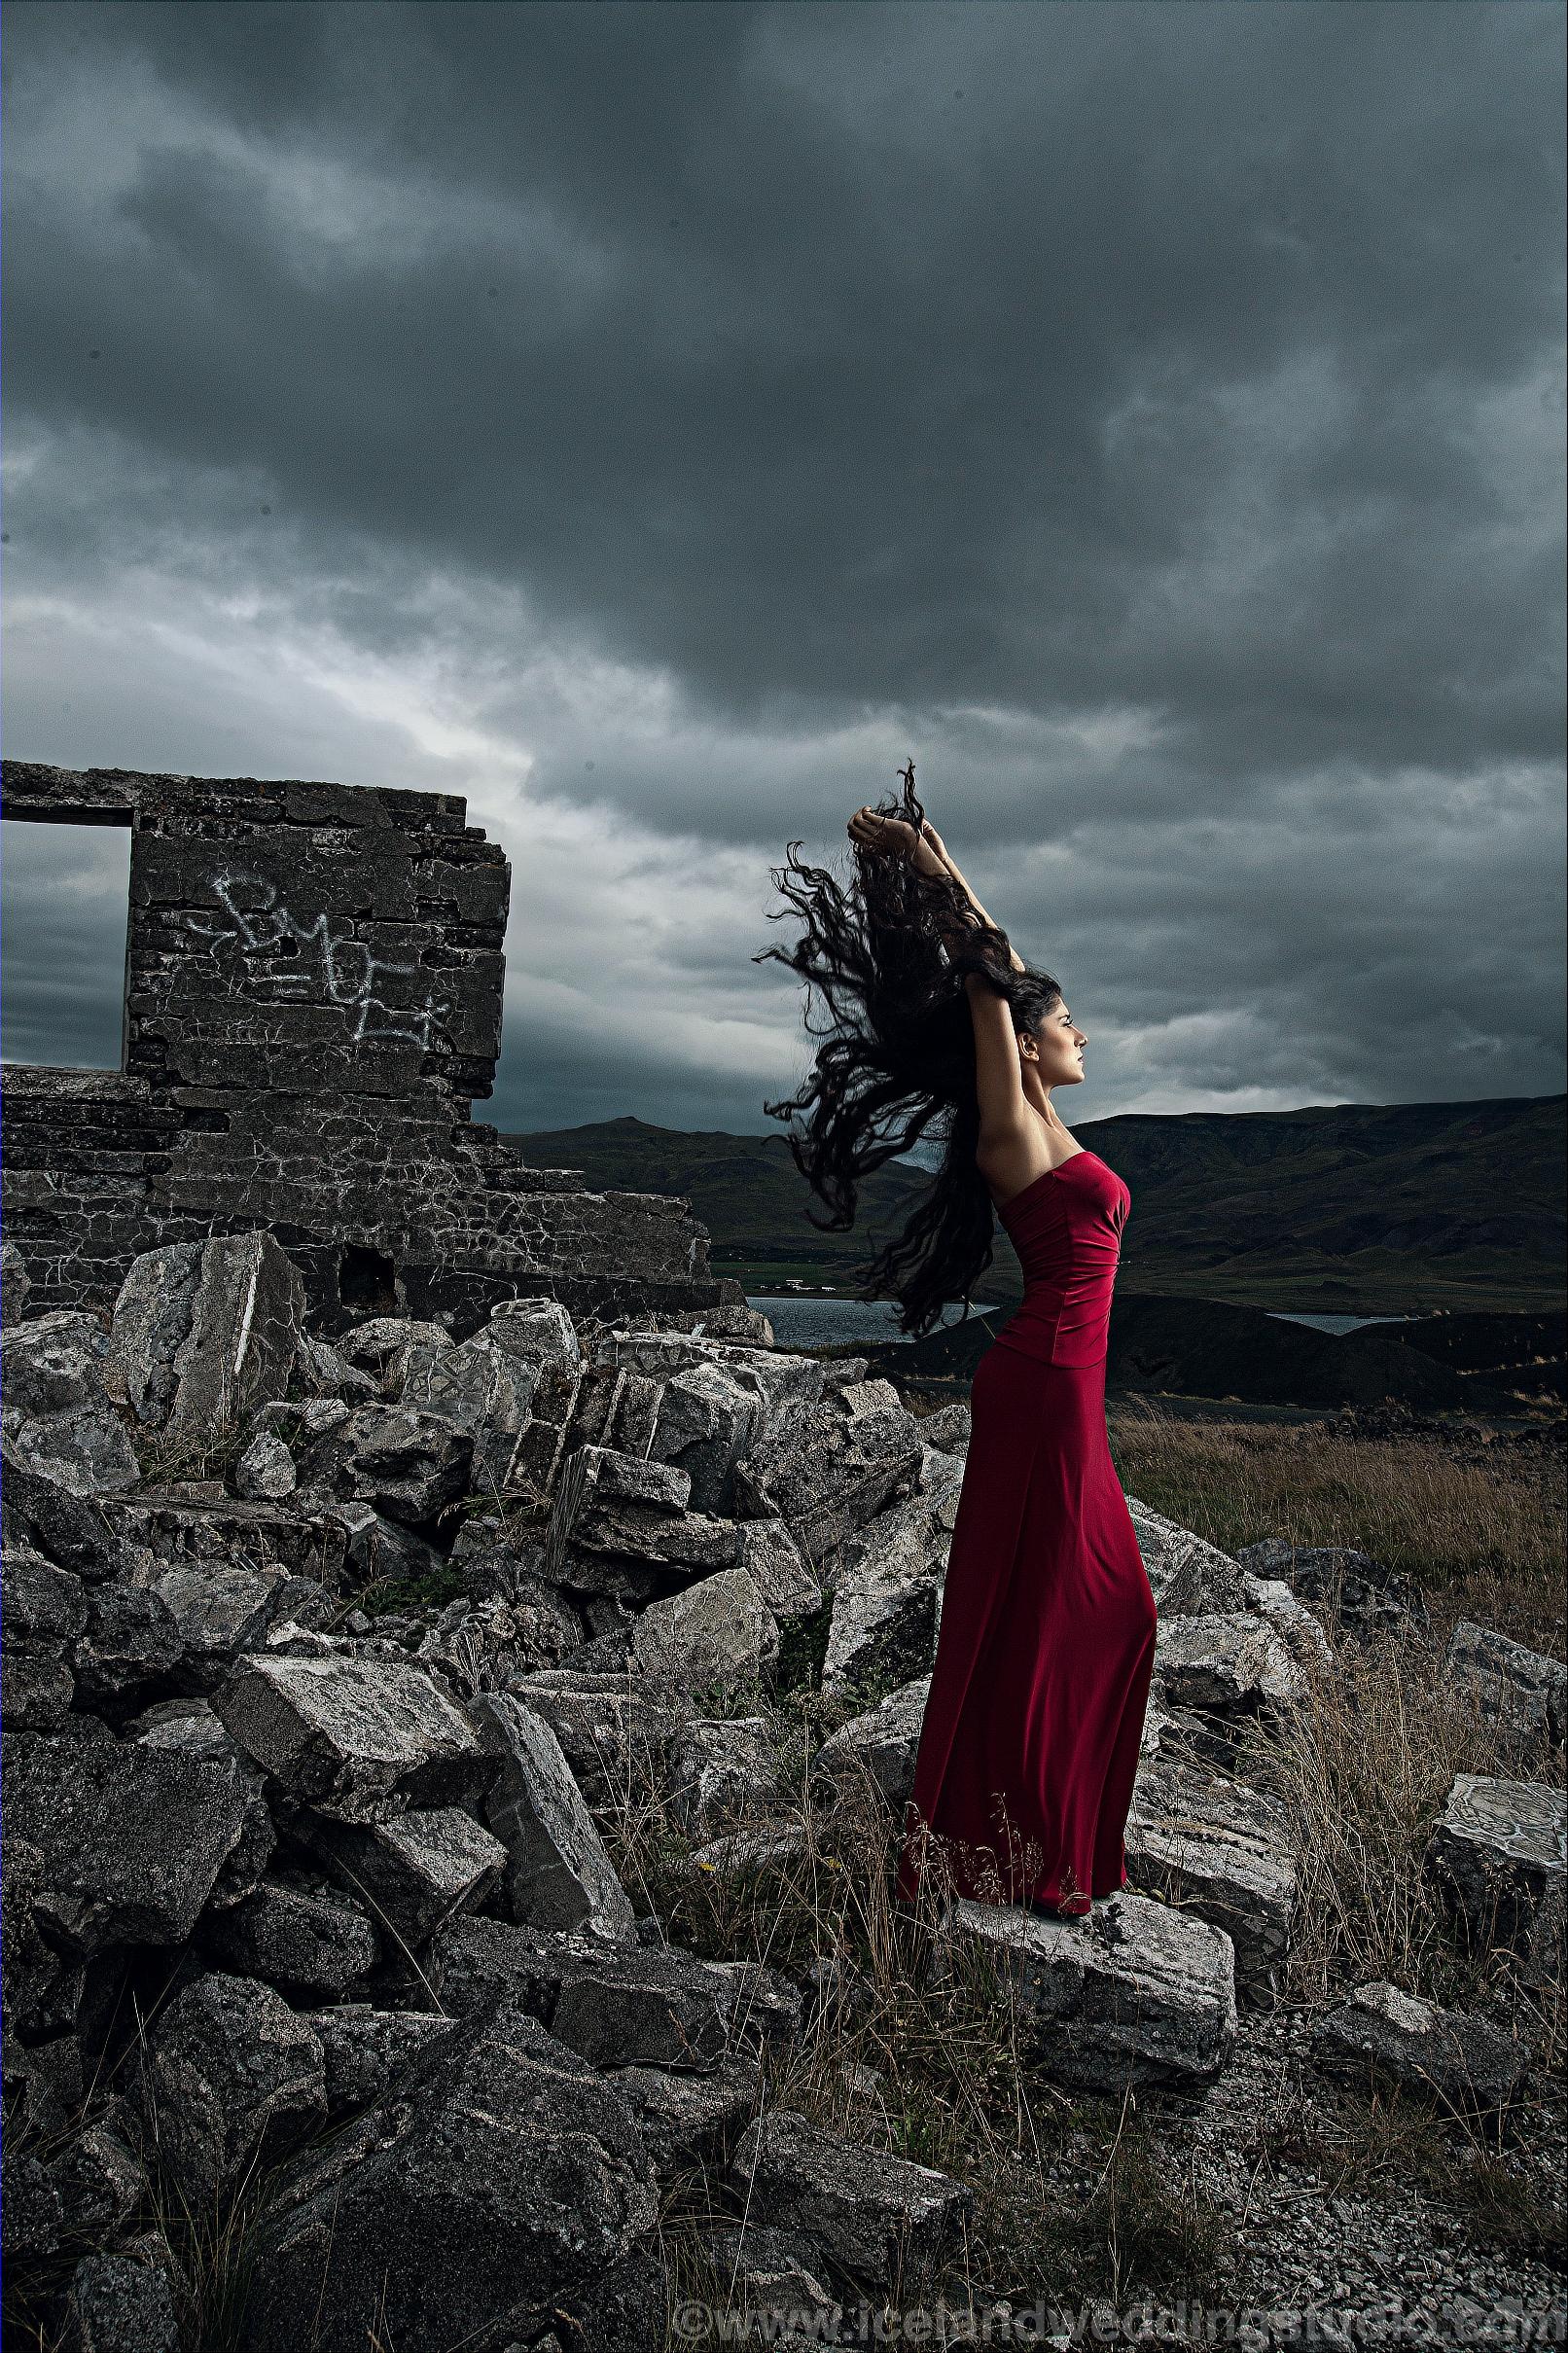 黑天鹅,冰岛创意写真